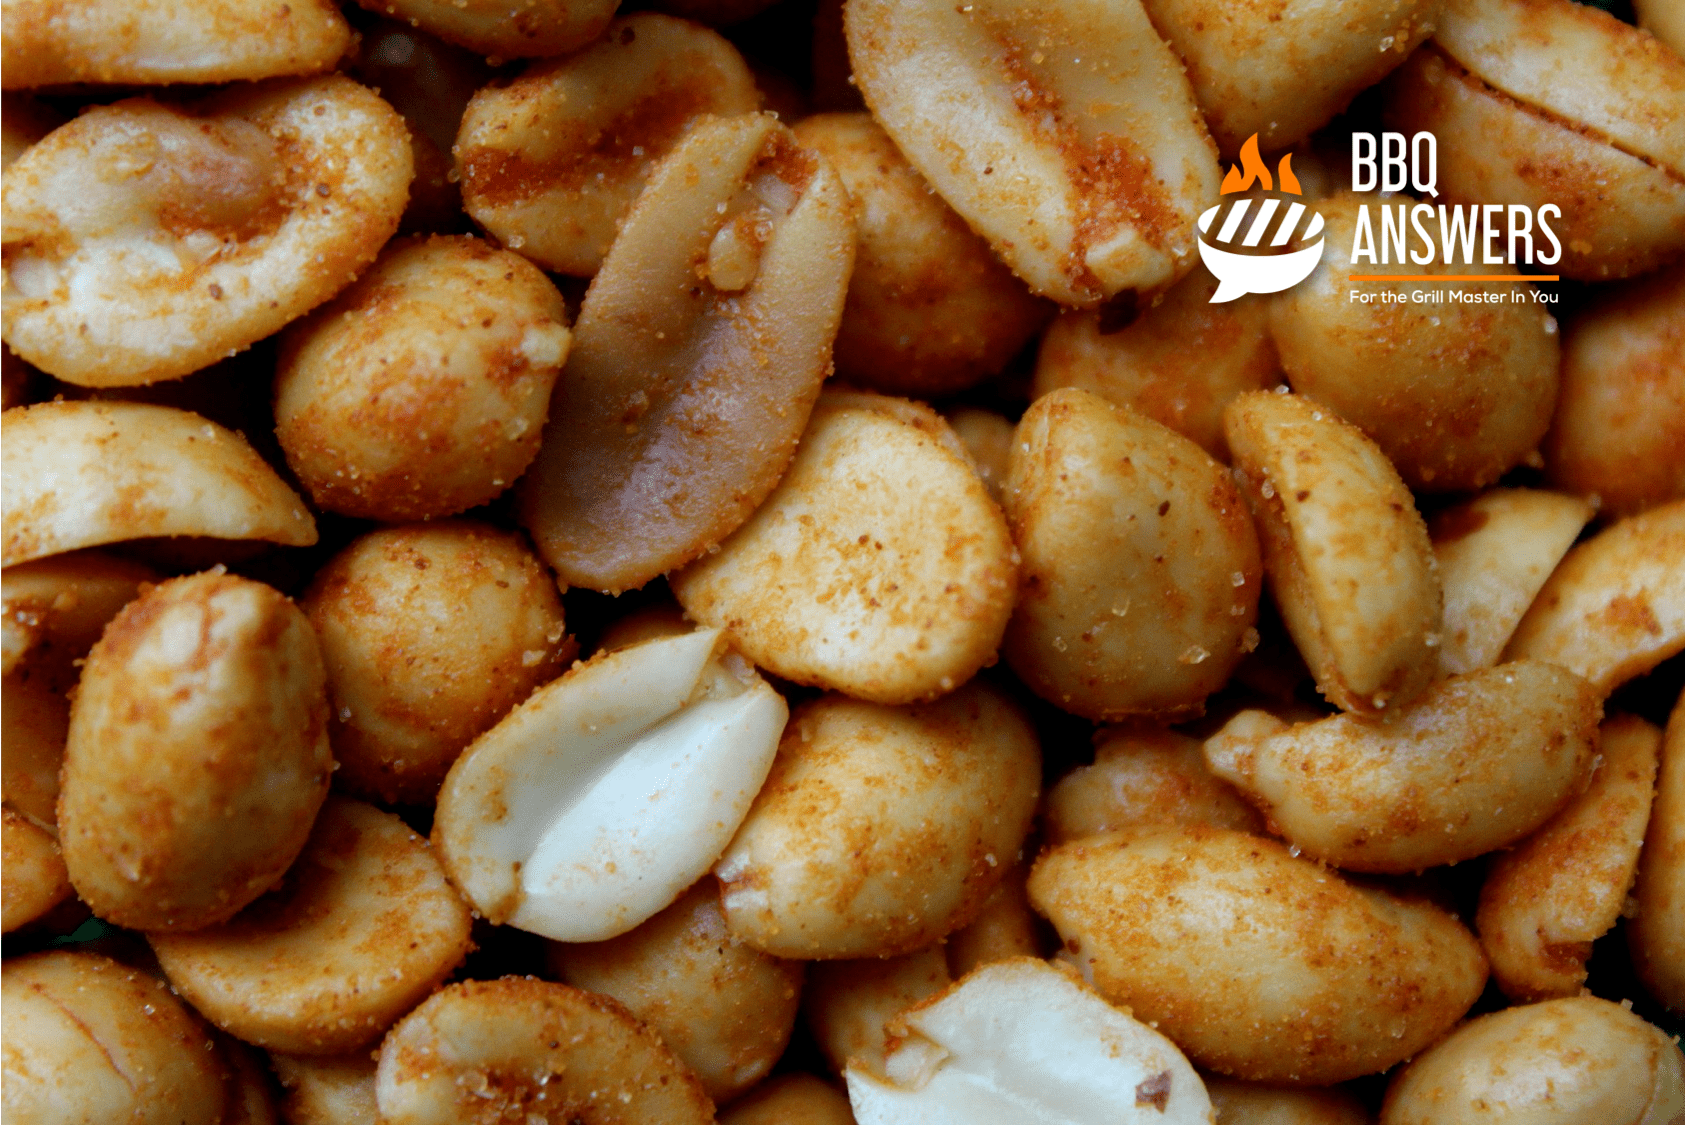 Gluten-Free BBQ Peanuts   BBQanswers